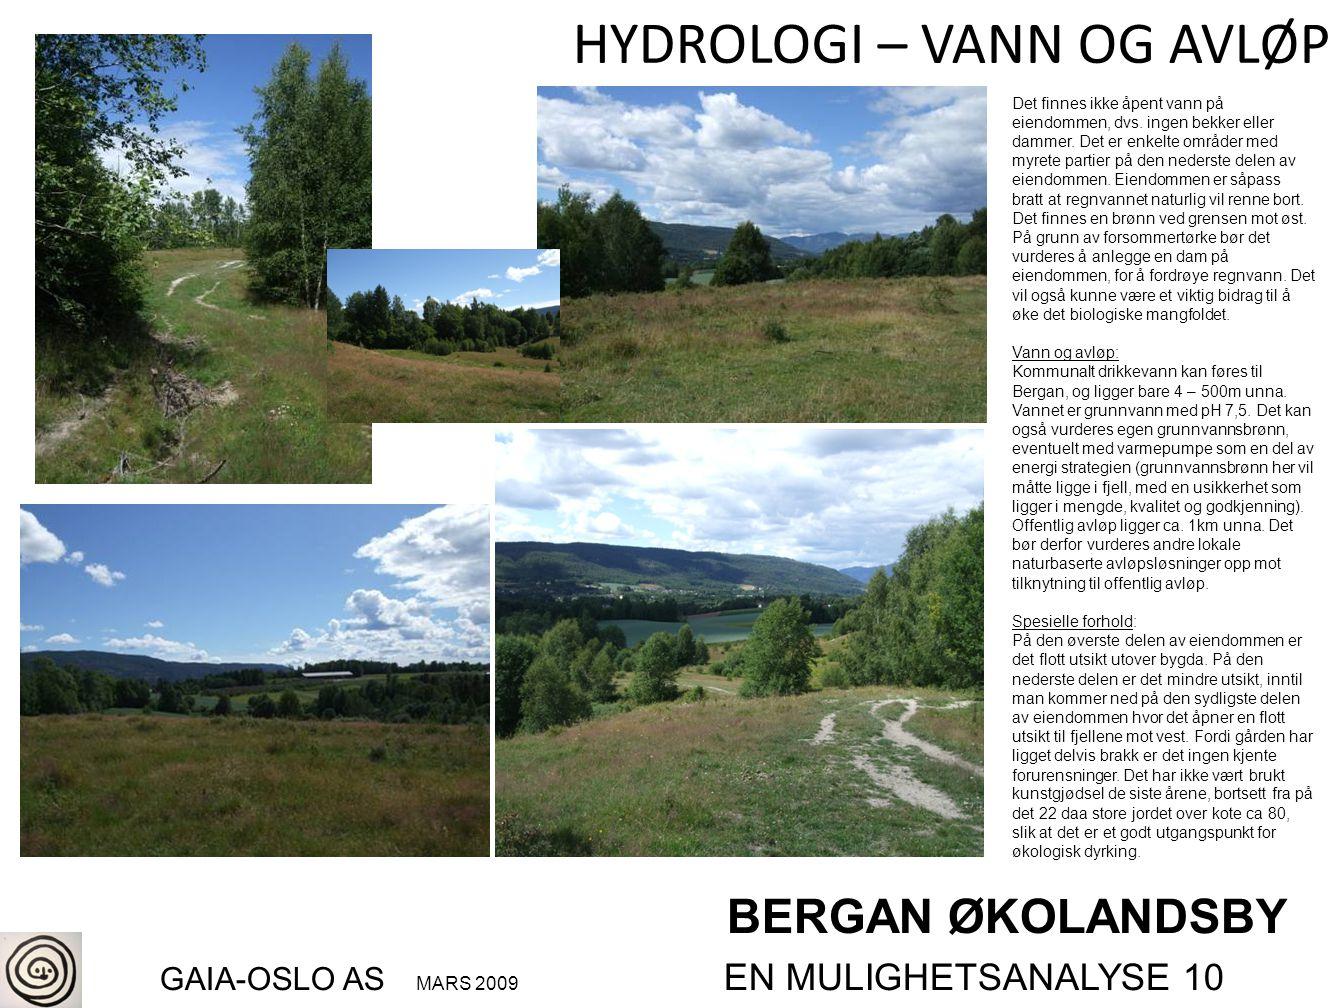 BERGAN ØKOLANDSBY GAIA-OSLO AS MARS 2009 EN MULIGHETSANALYSE 10 HYDROLOGI – VANN OG AVLØP Det finnes ikke åpent vann på eiendommen, dvs. ingen bekker